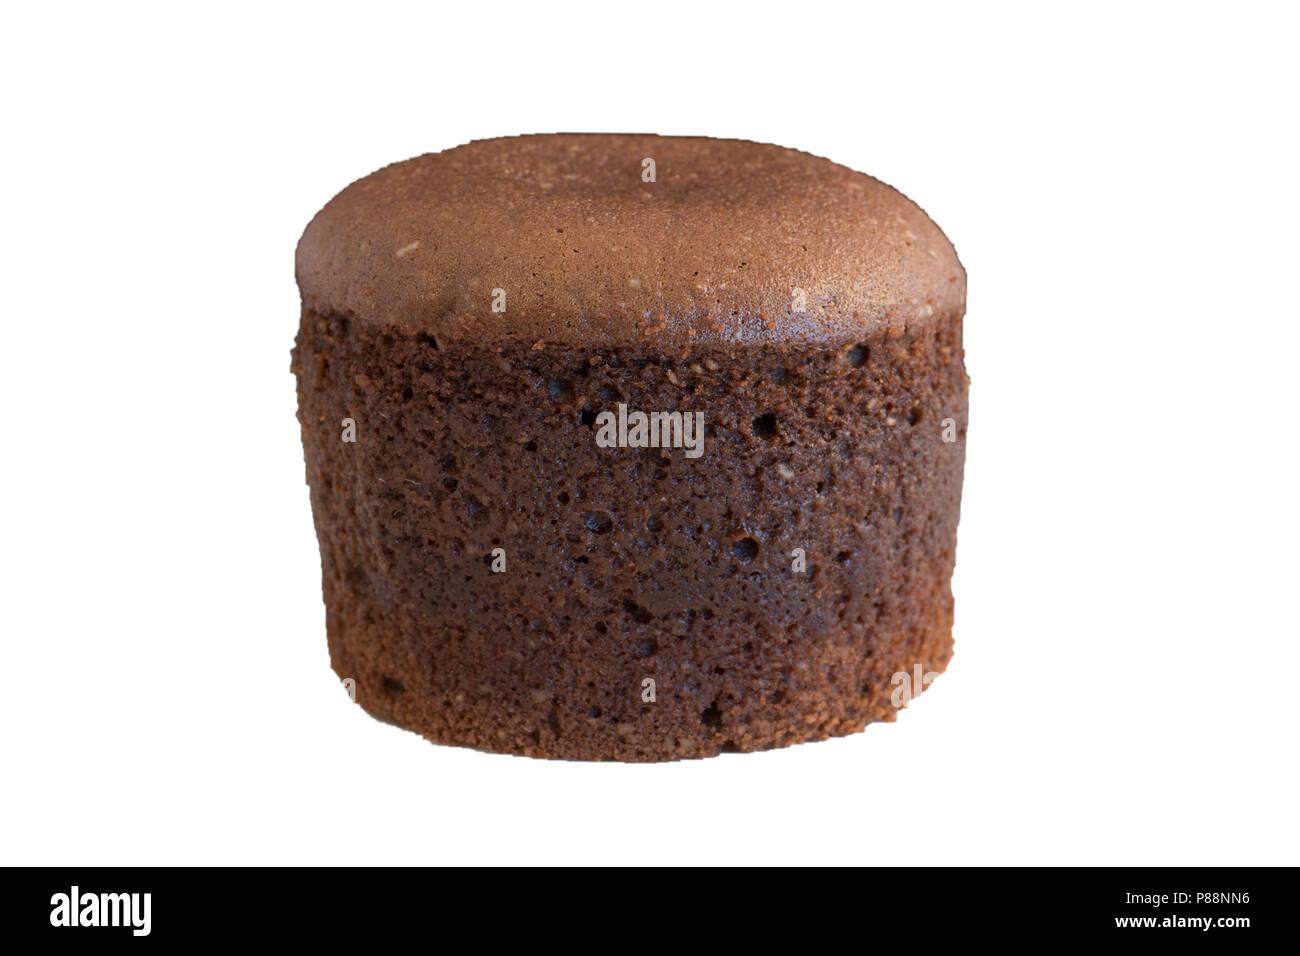 Schokolade Vulkan Lava Kuchen Isoliert Mit Weissem Hintergrund